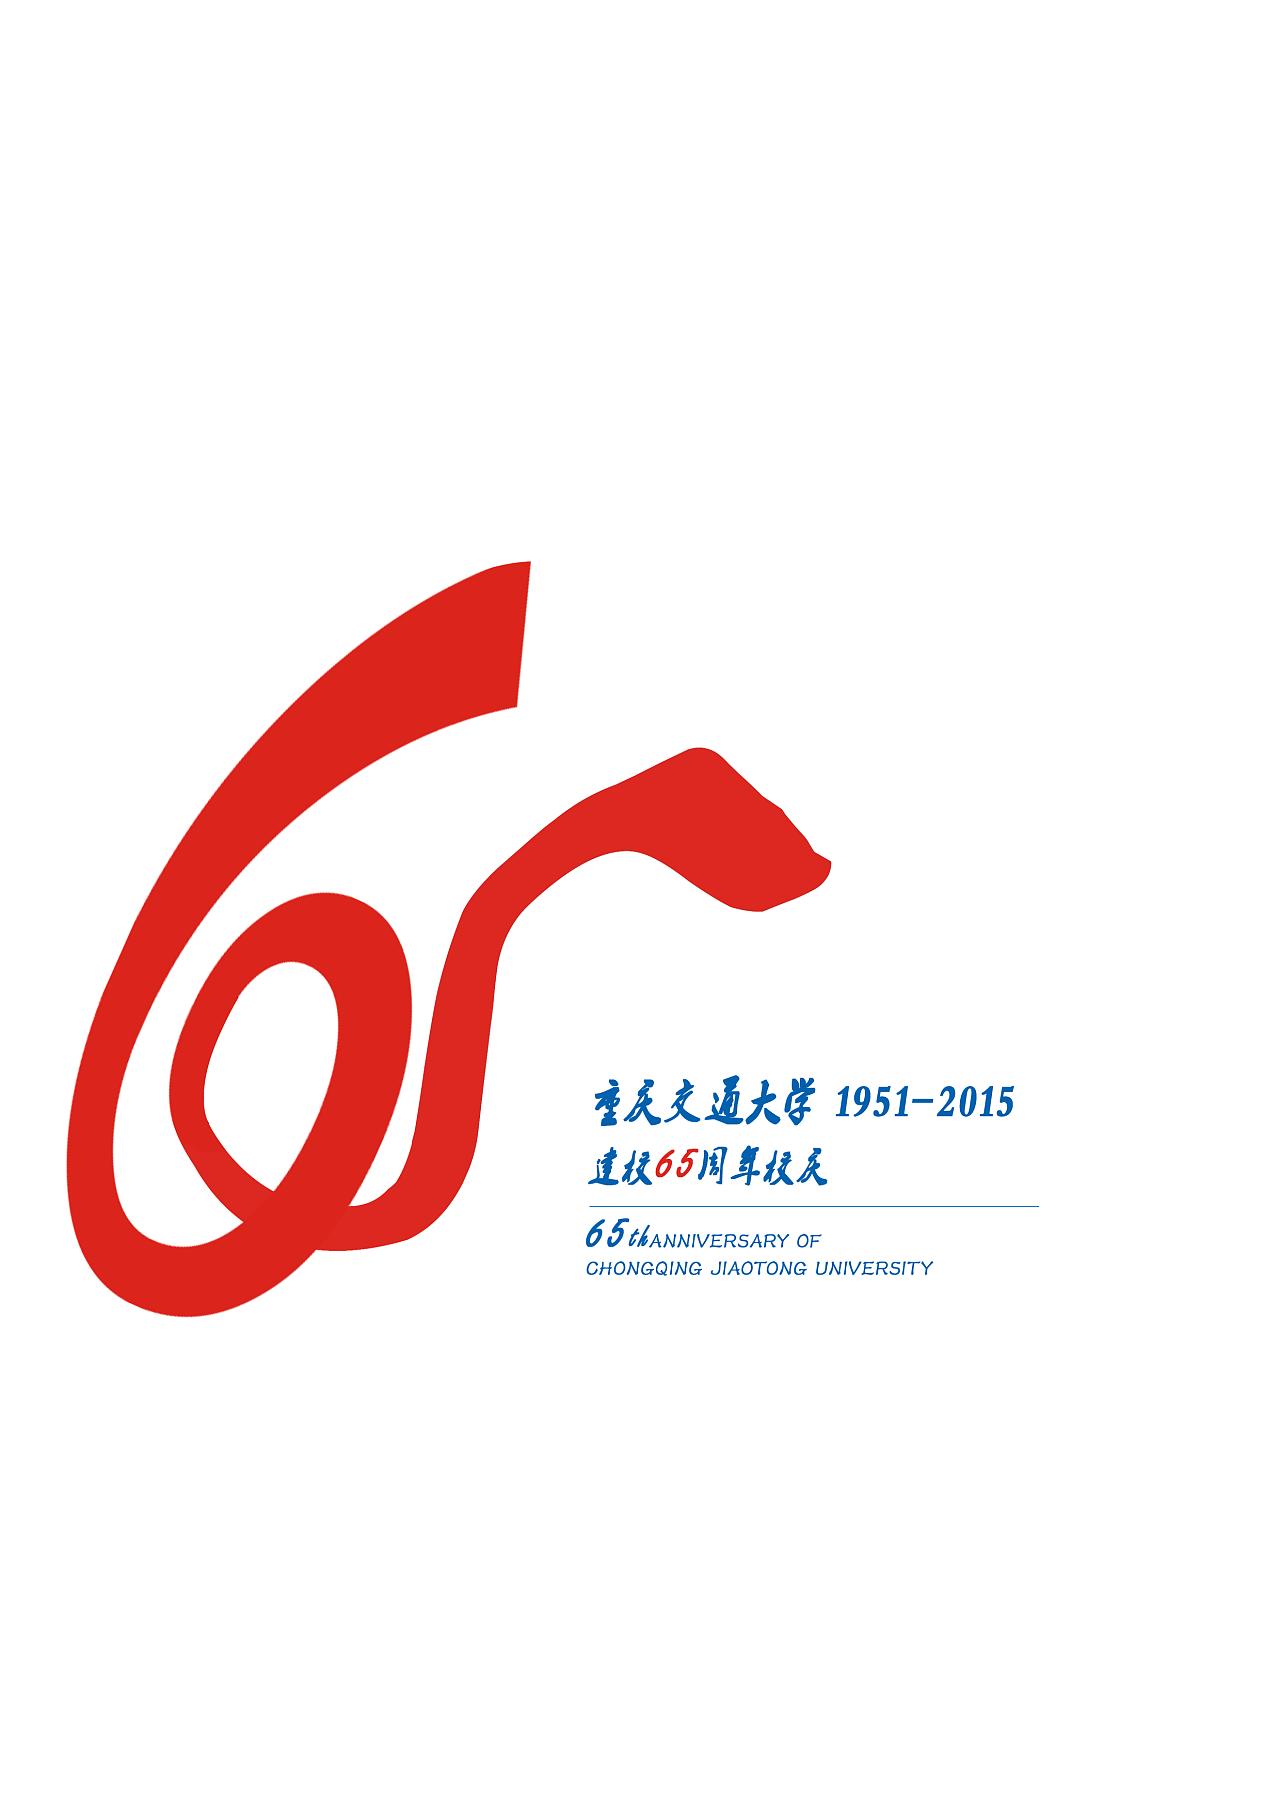 校慶logo圖片